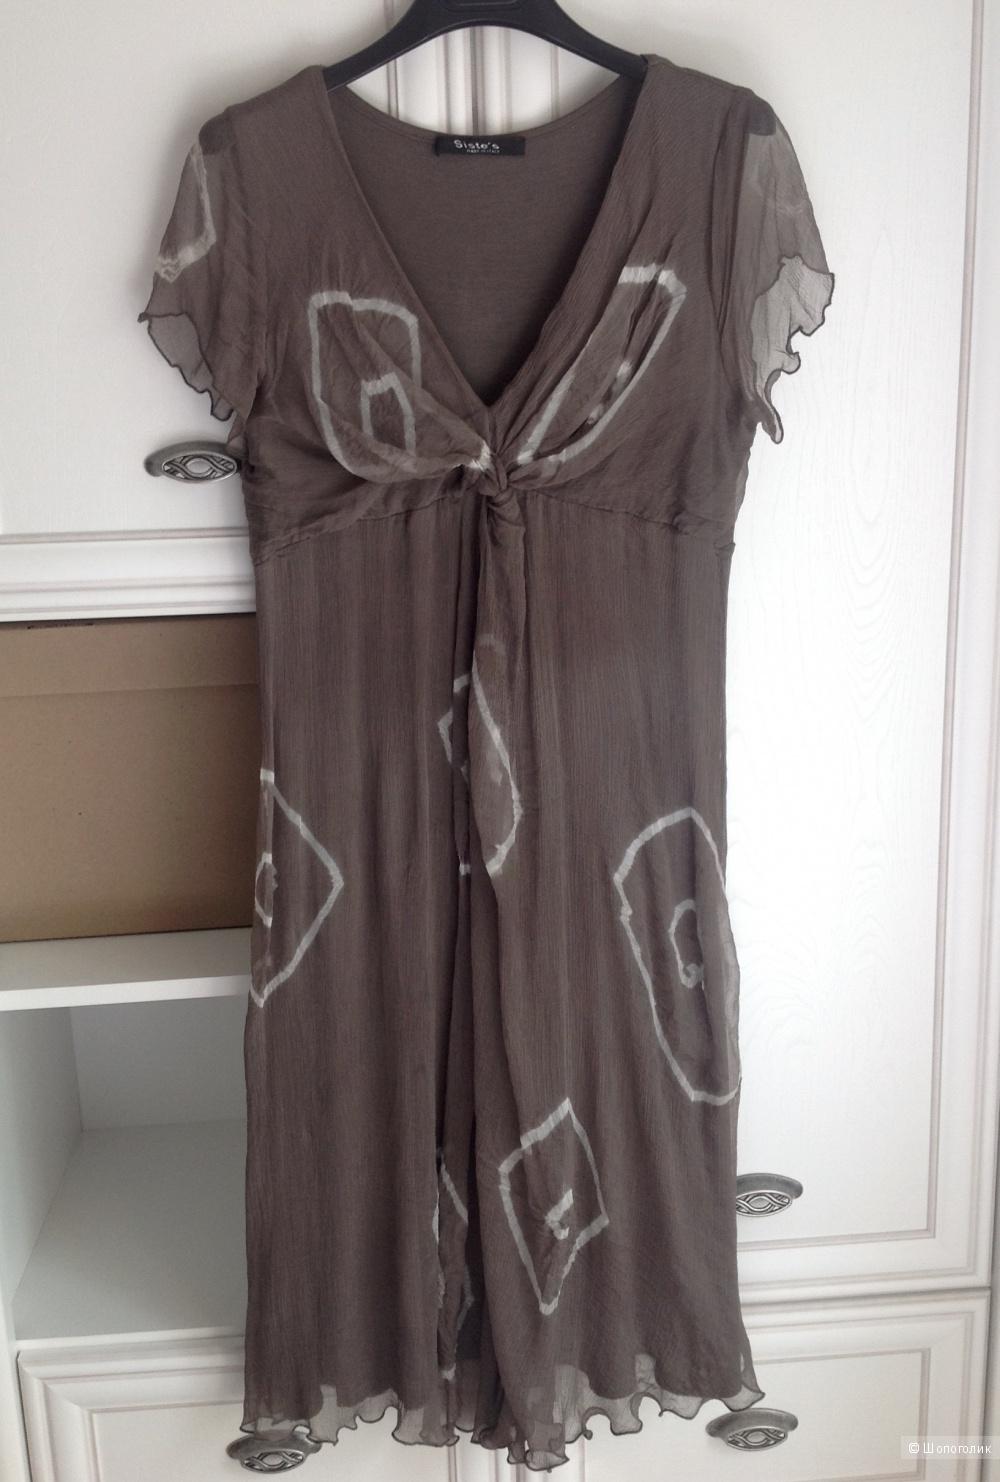 Шифоновое платье Siste's (Италия), размер 44-46.